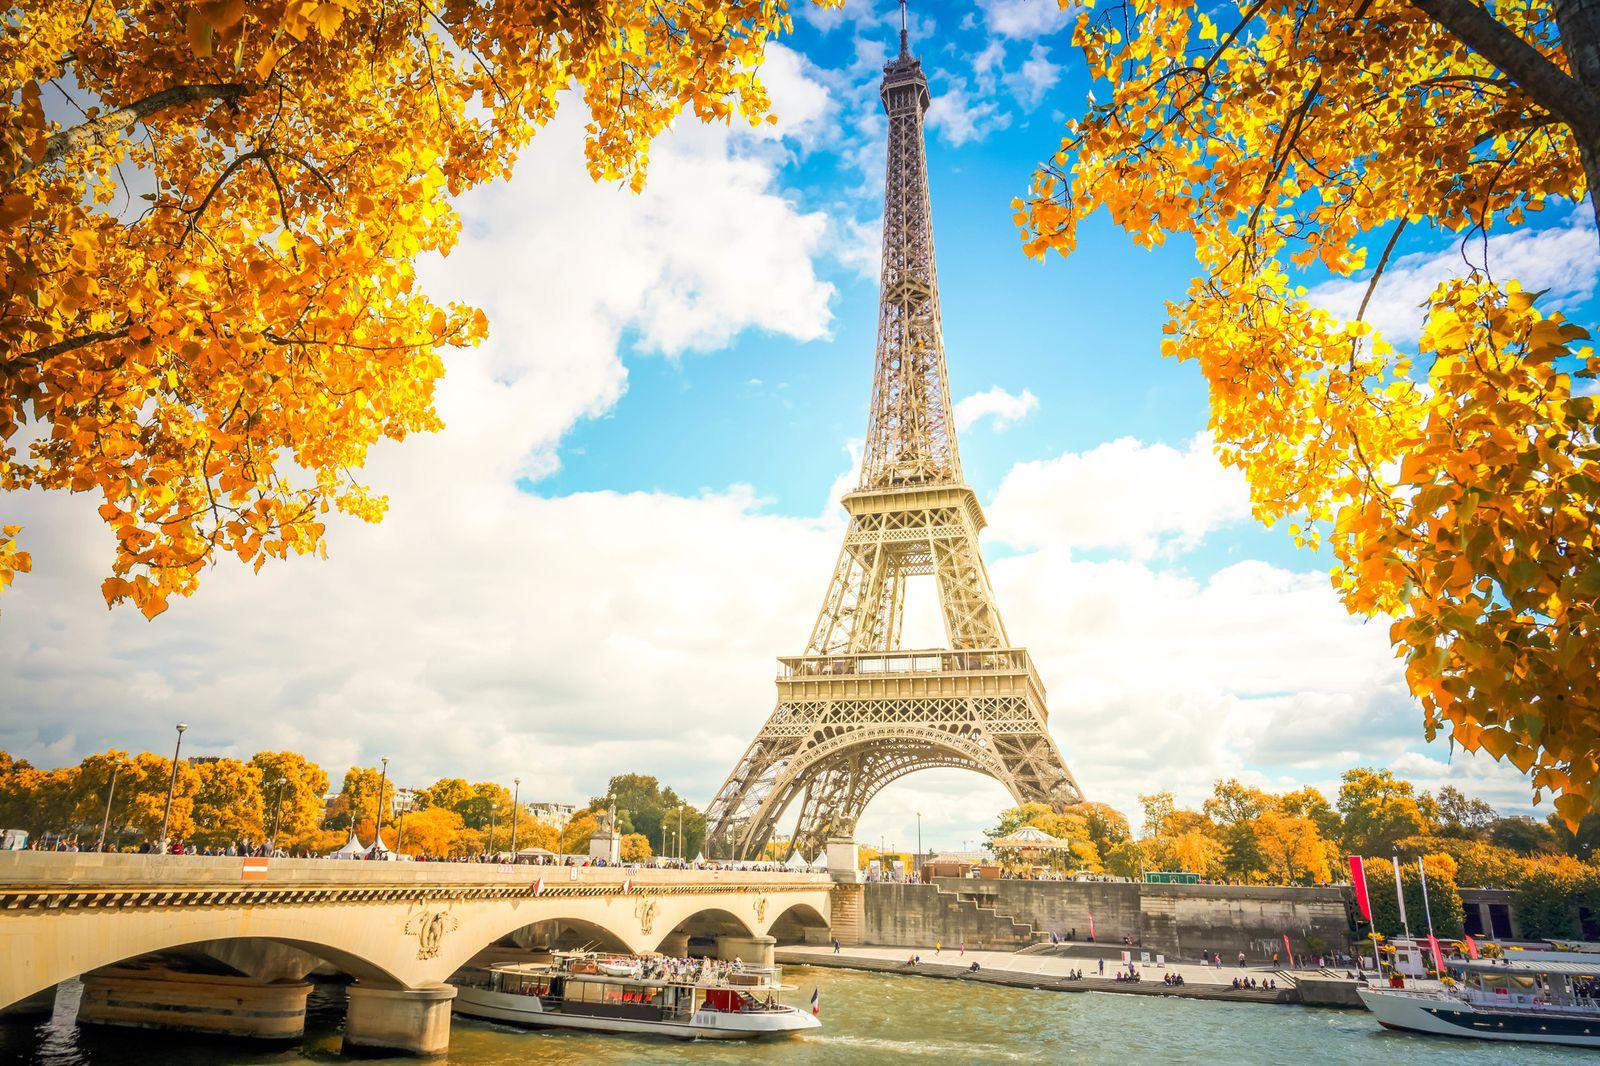 知らないなんてもったいない!フランスに行くなら秋がおすすめな理由とは